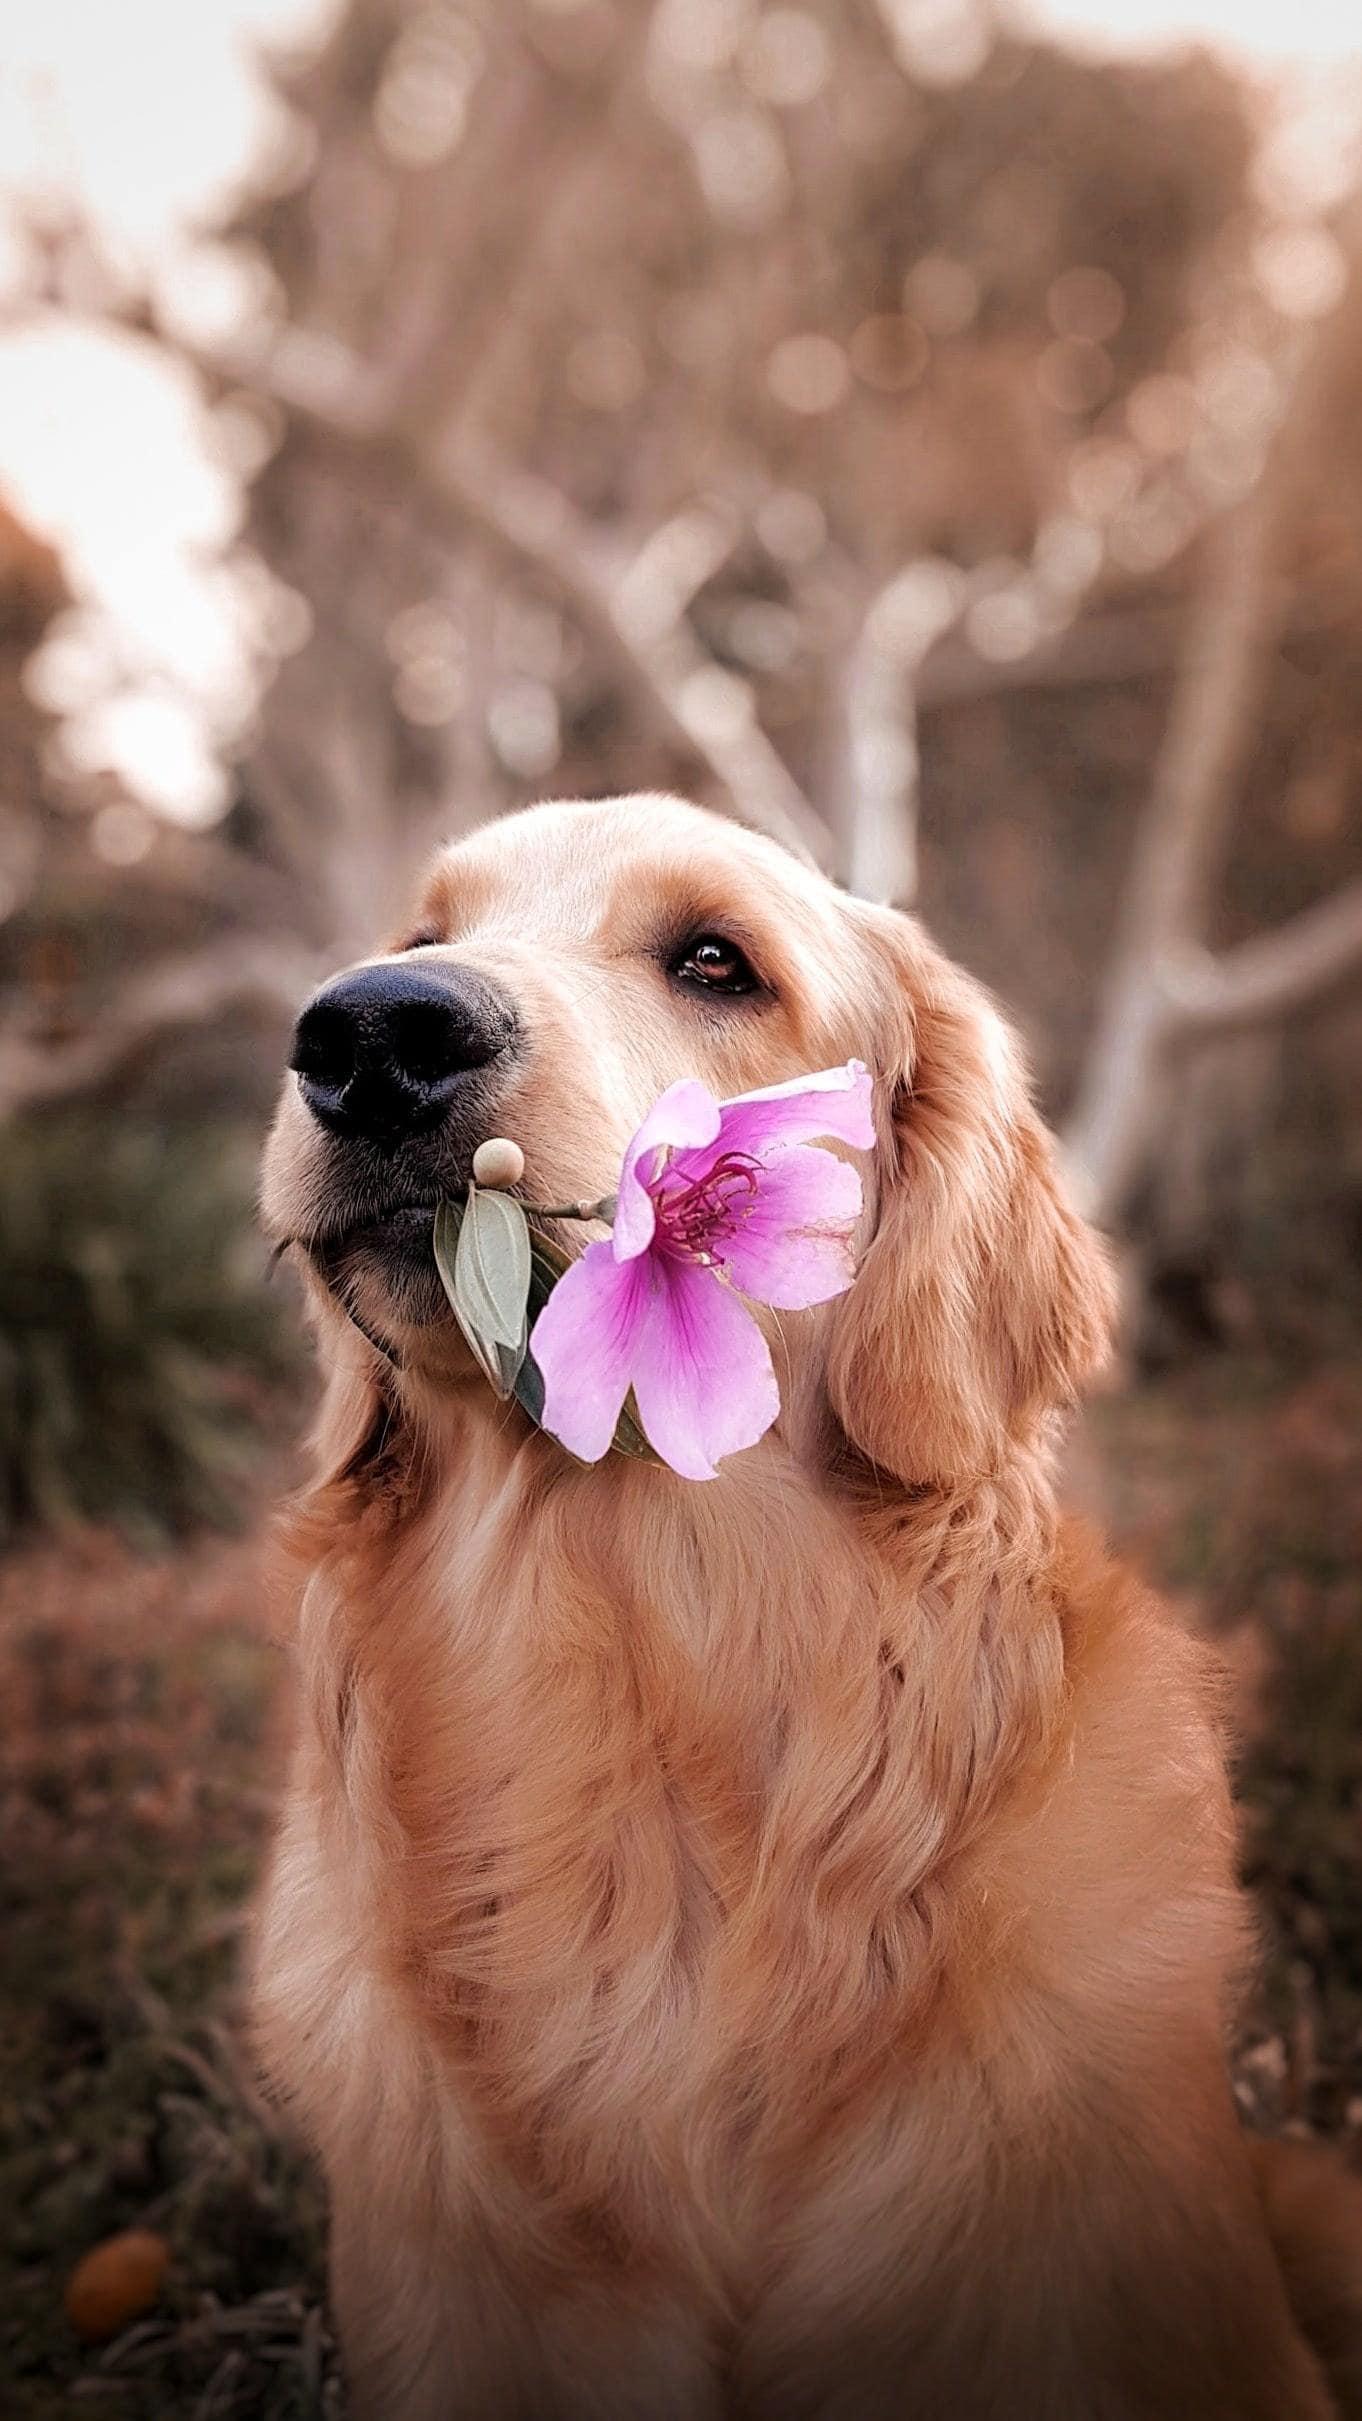 perro con flor en la boca y fondo desenfocado